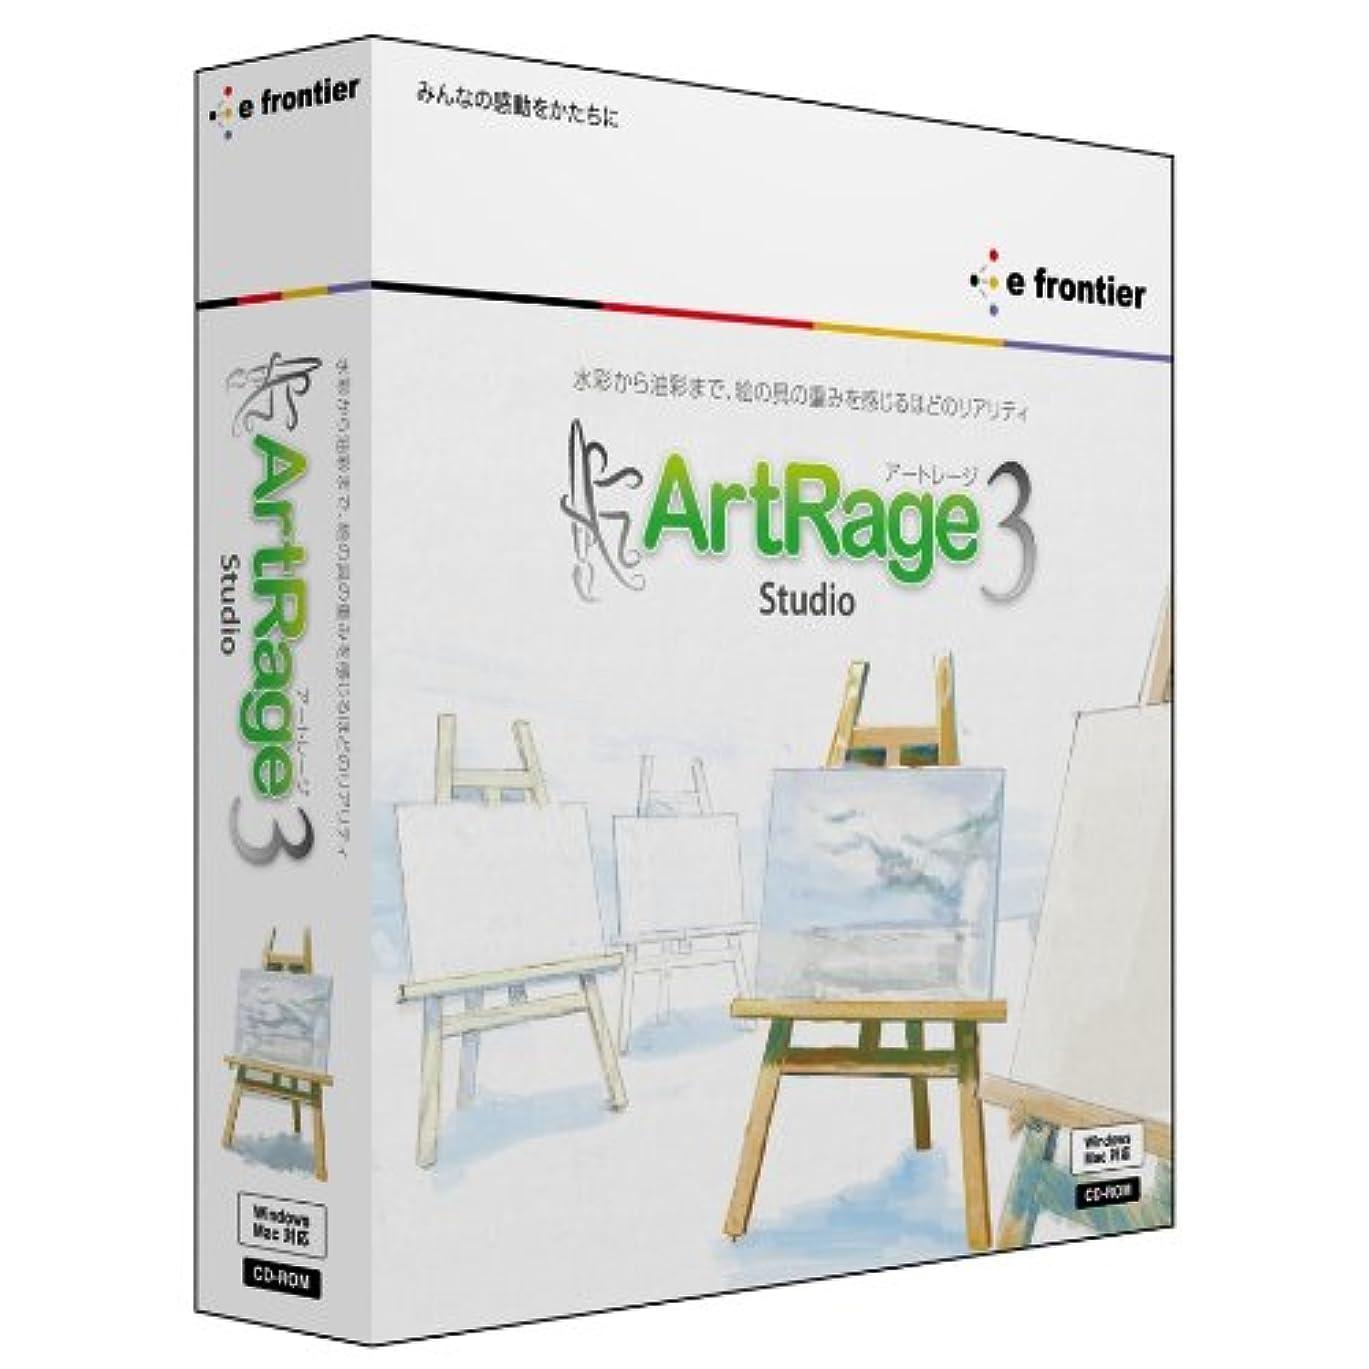 白菜ロマンス期待してArtRage 3 Studio ガイドブック付